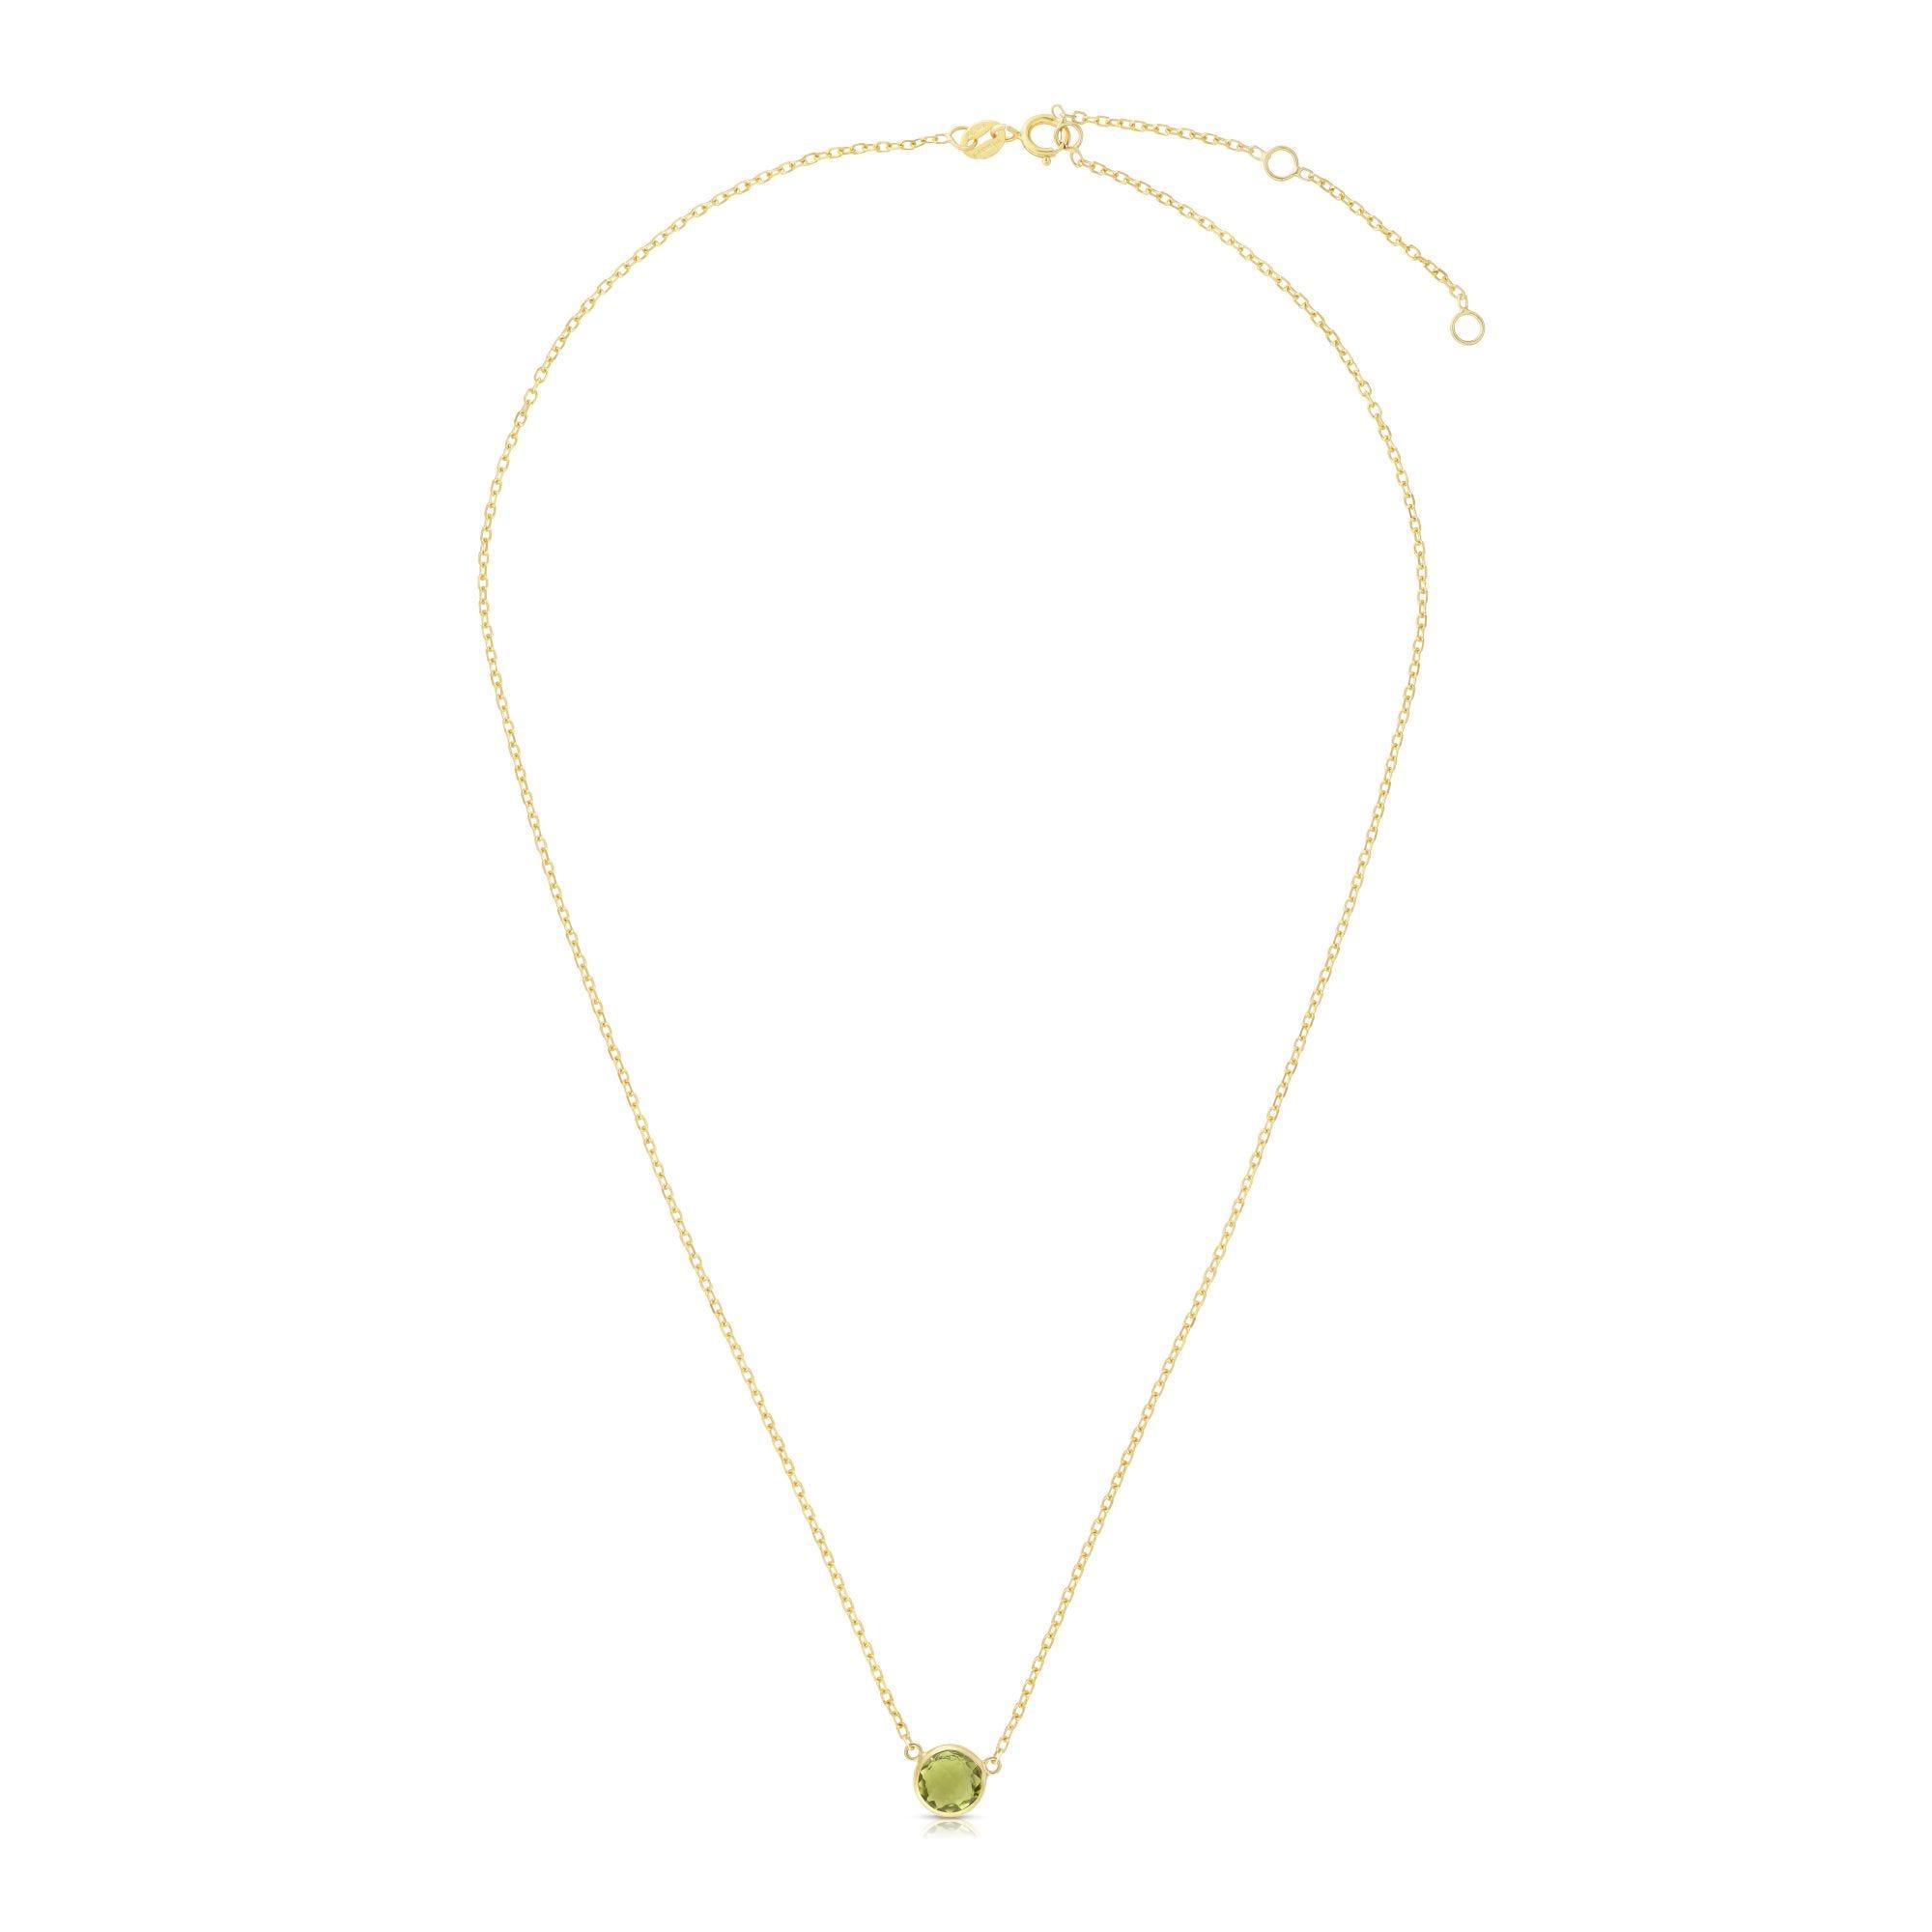 Peridot Round Necklace 17